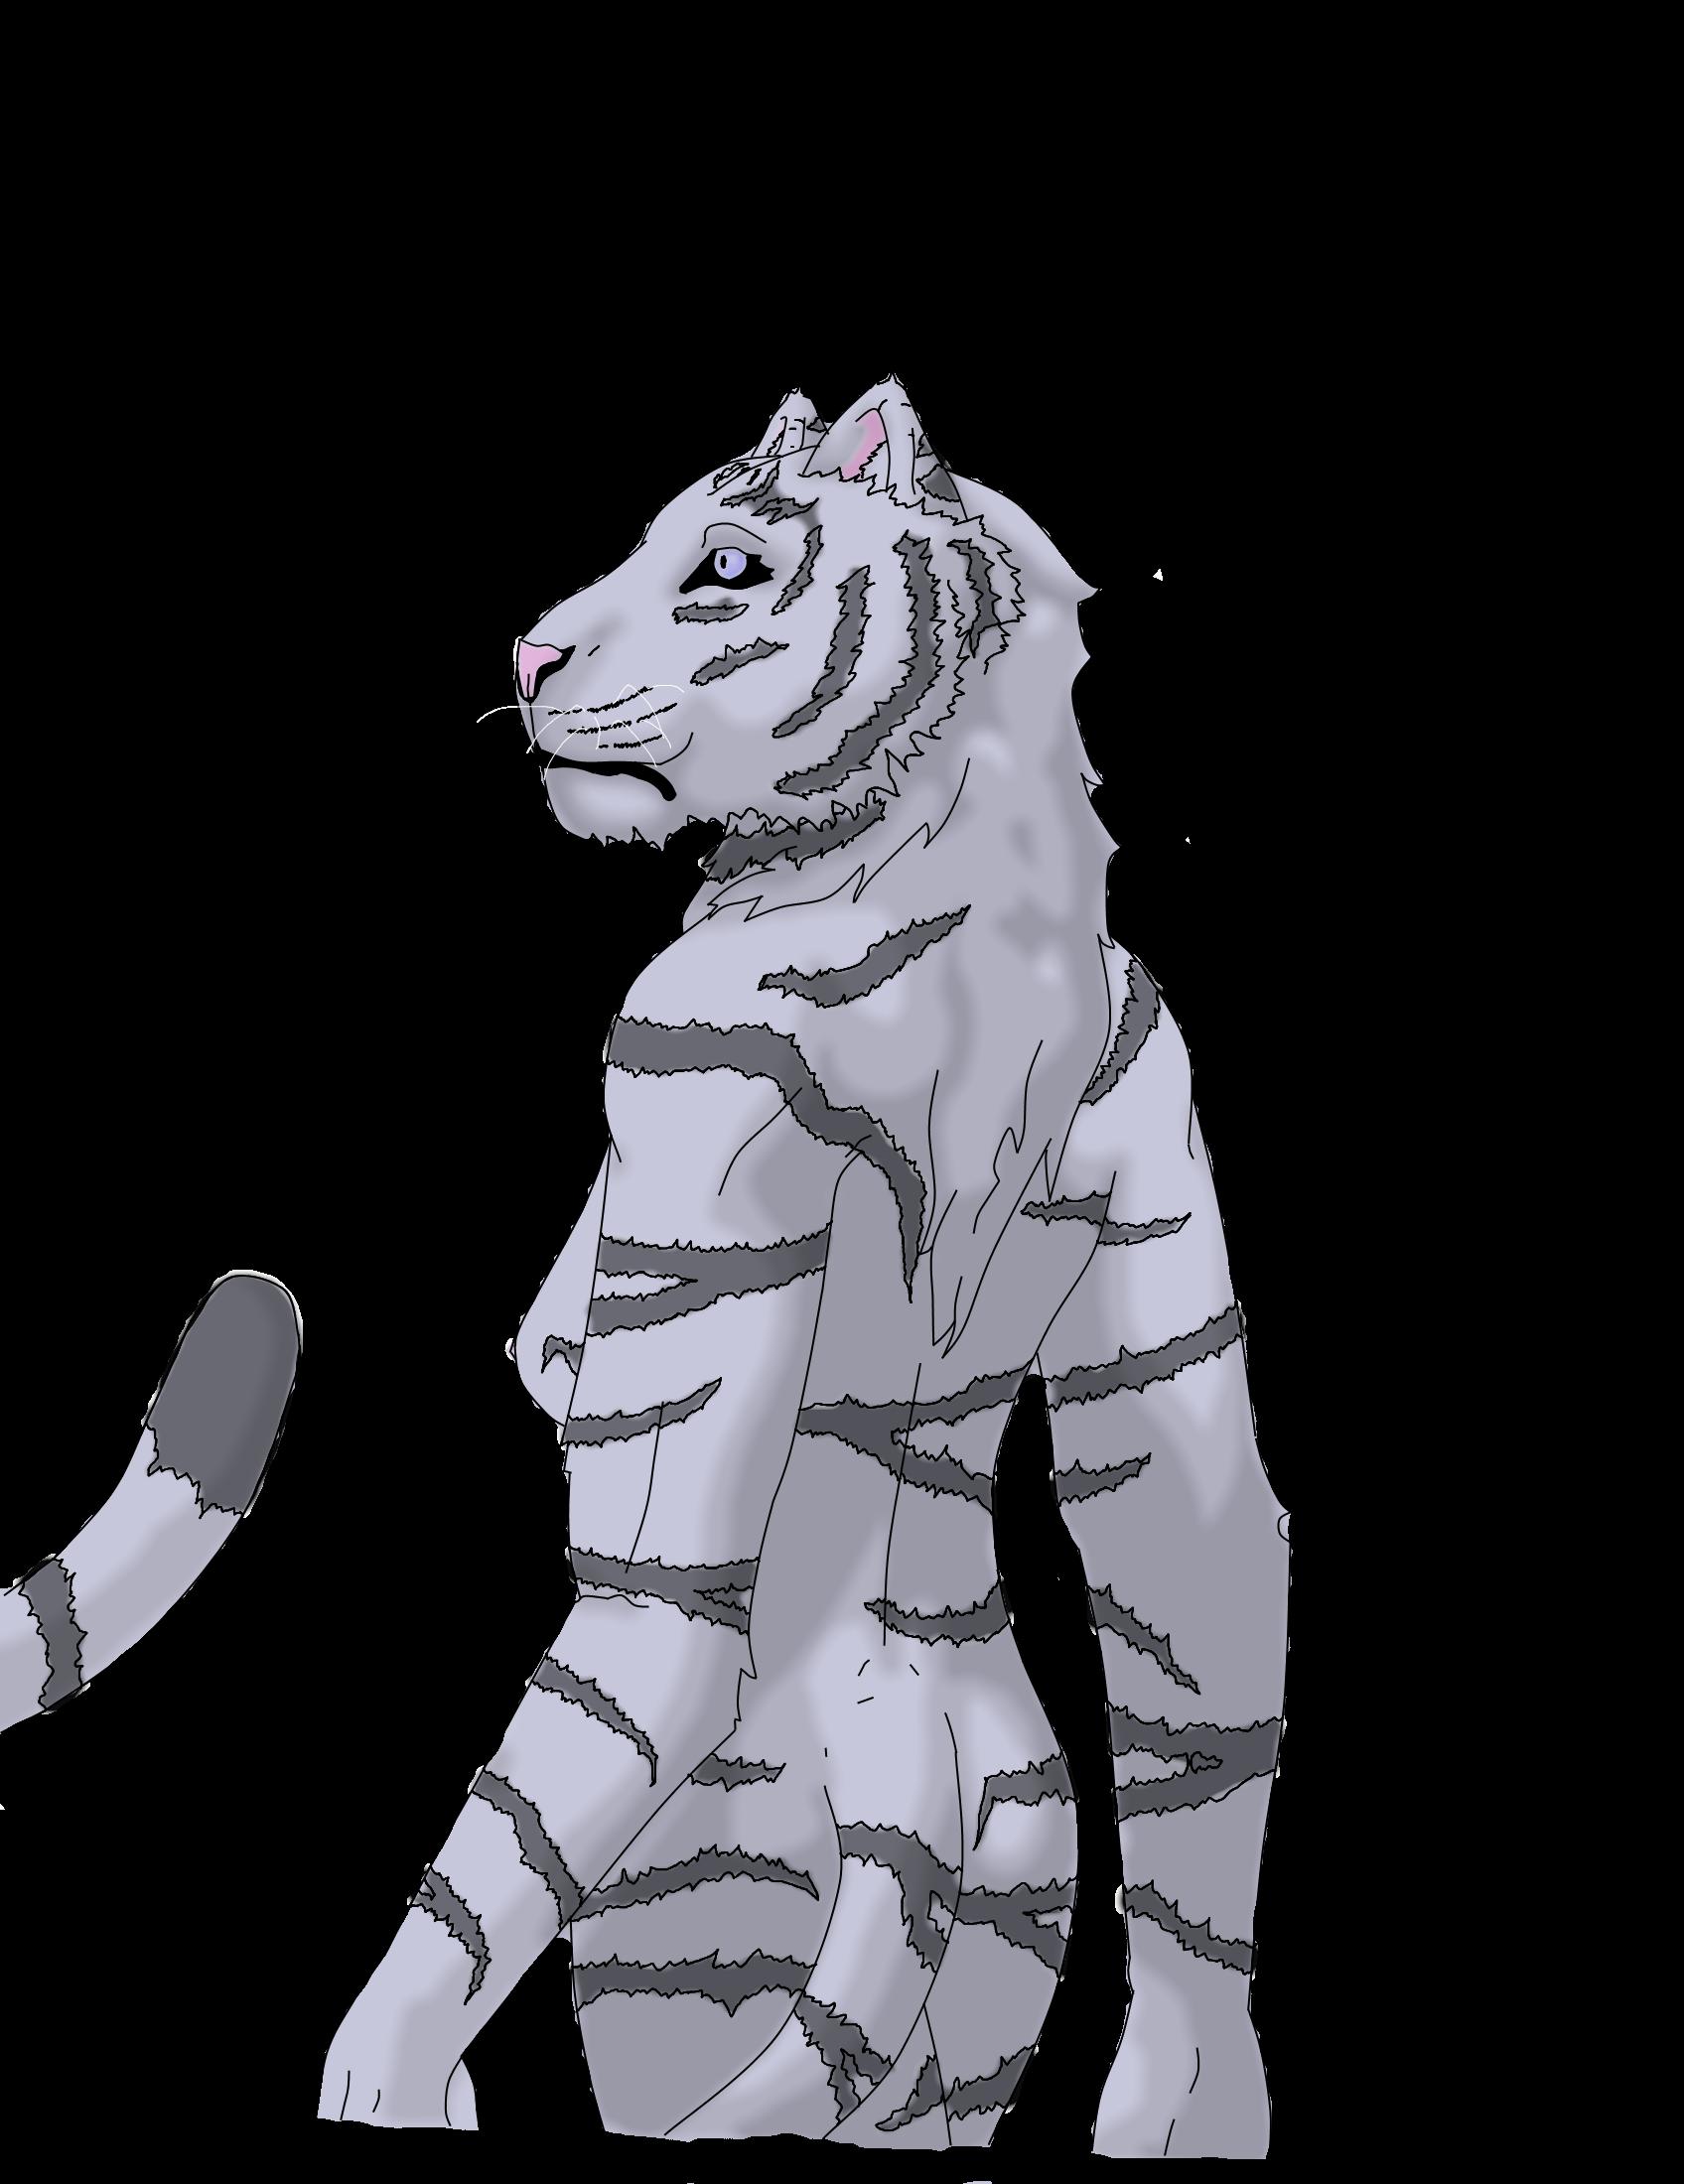 Anthro white tigress - photo#1